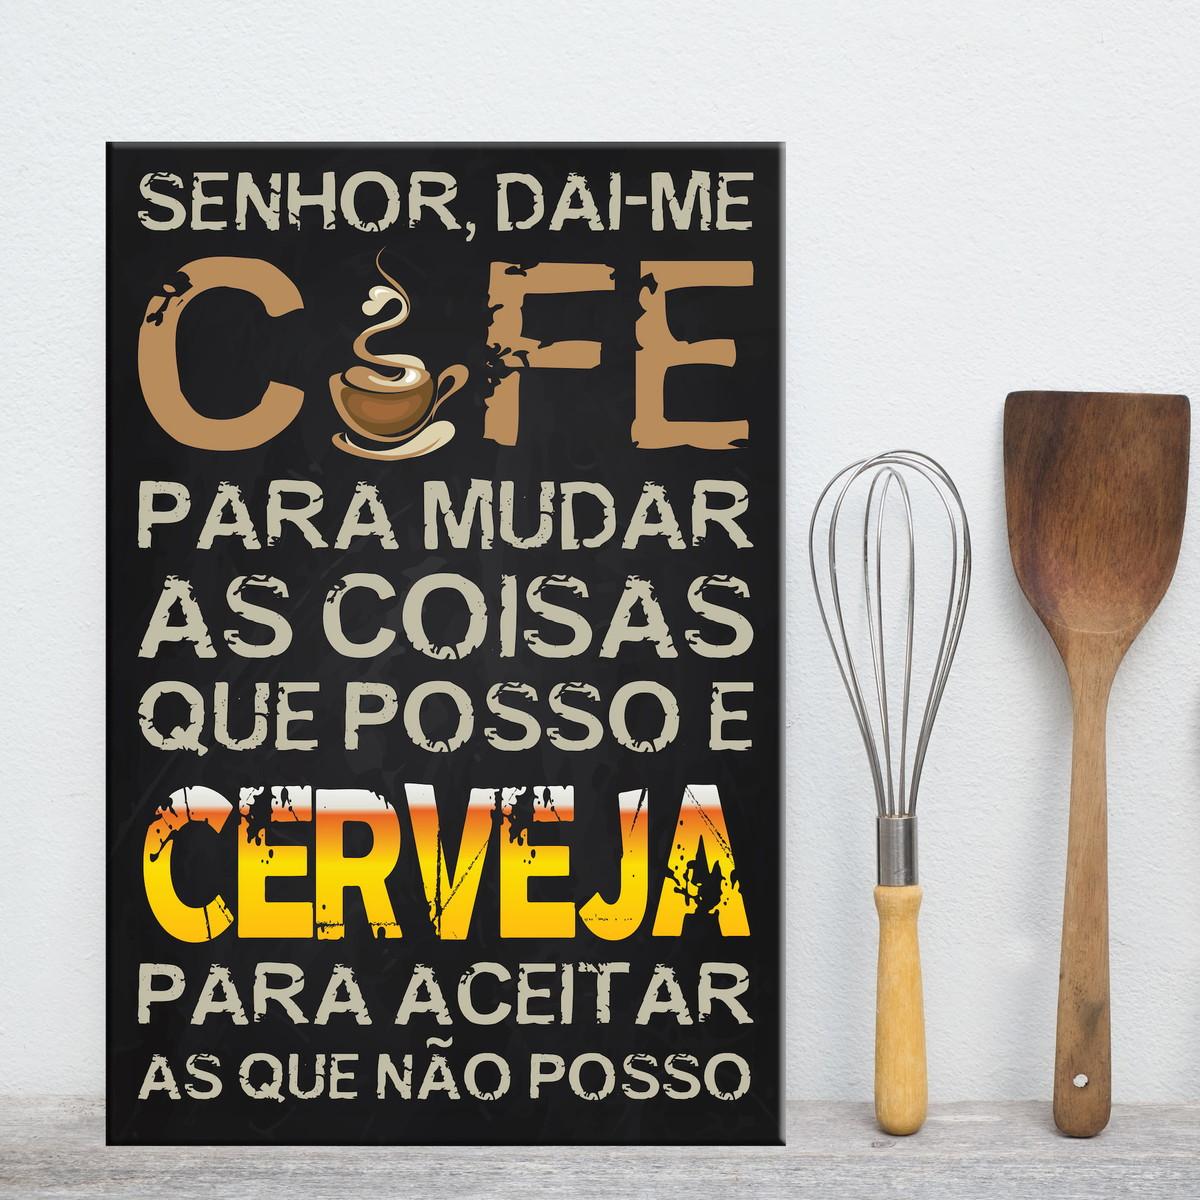 Placa Decorativa Mdf Frase Café E Cerveja No Elo7 Quartinhos 7ac49c